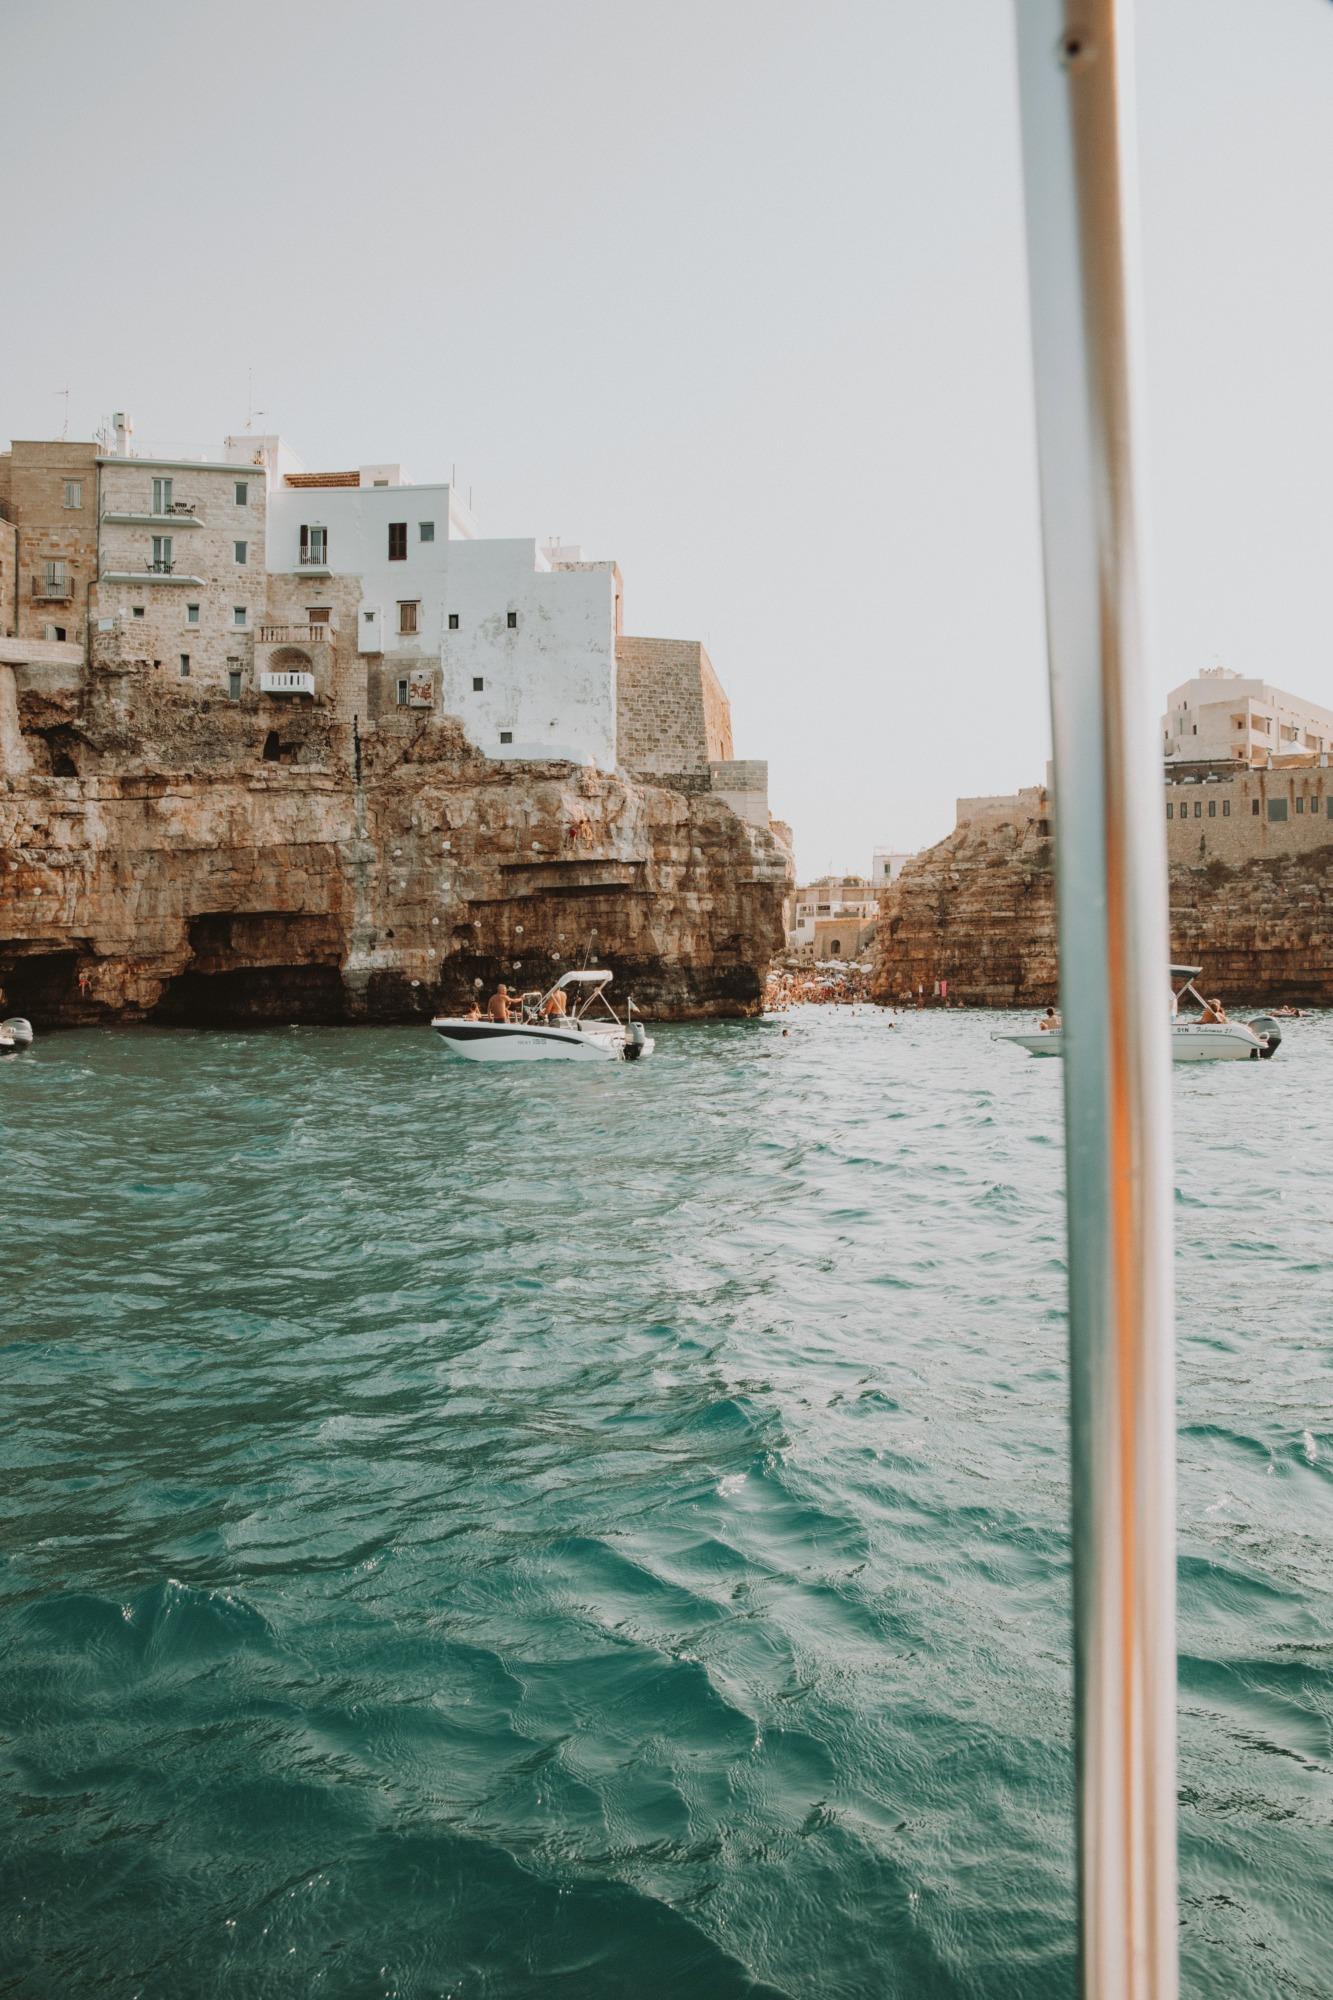 Louer un bateau sans permis dans les Pouilles - Blondie Baby blog voyages